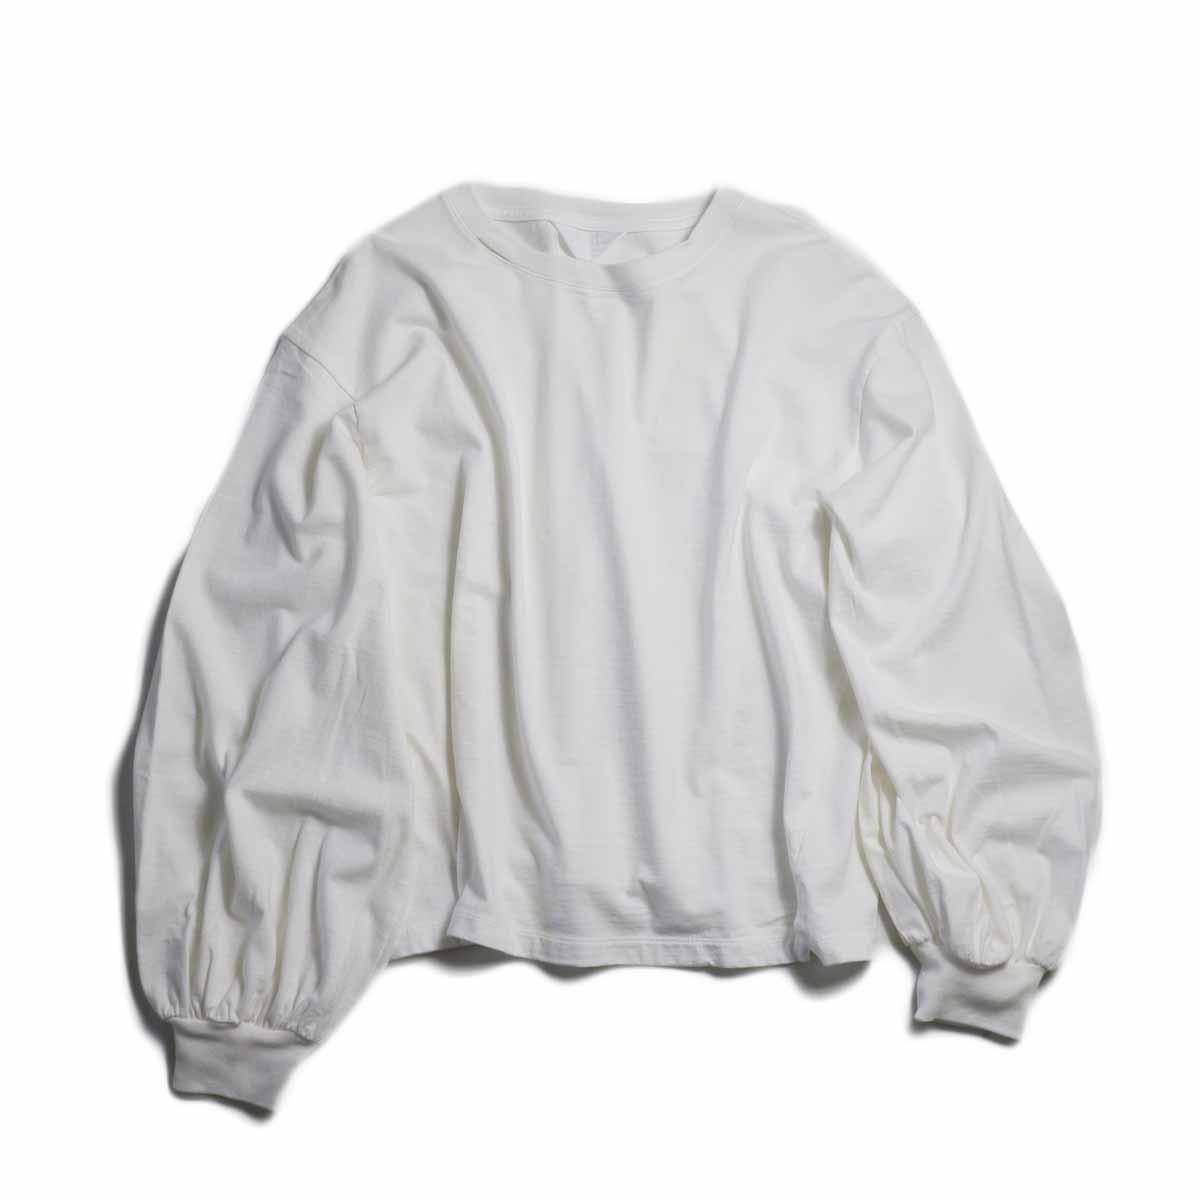 UNUSED Ladie's / US1504 Long Sleeve T-shirt  -WHITE